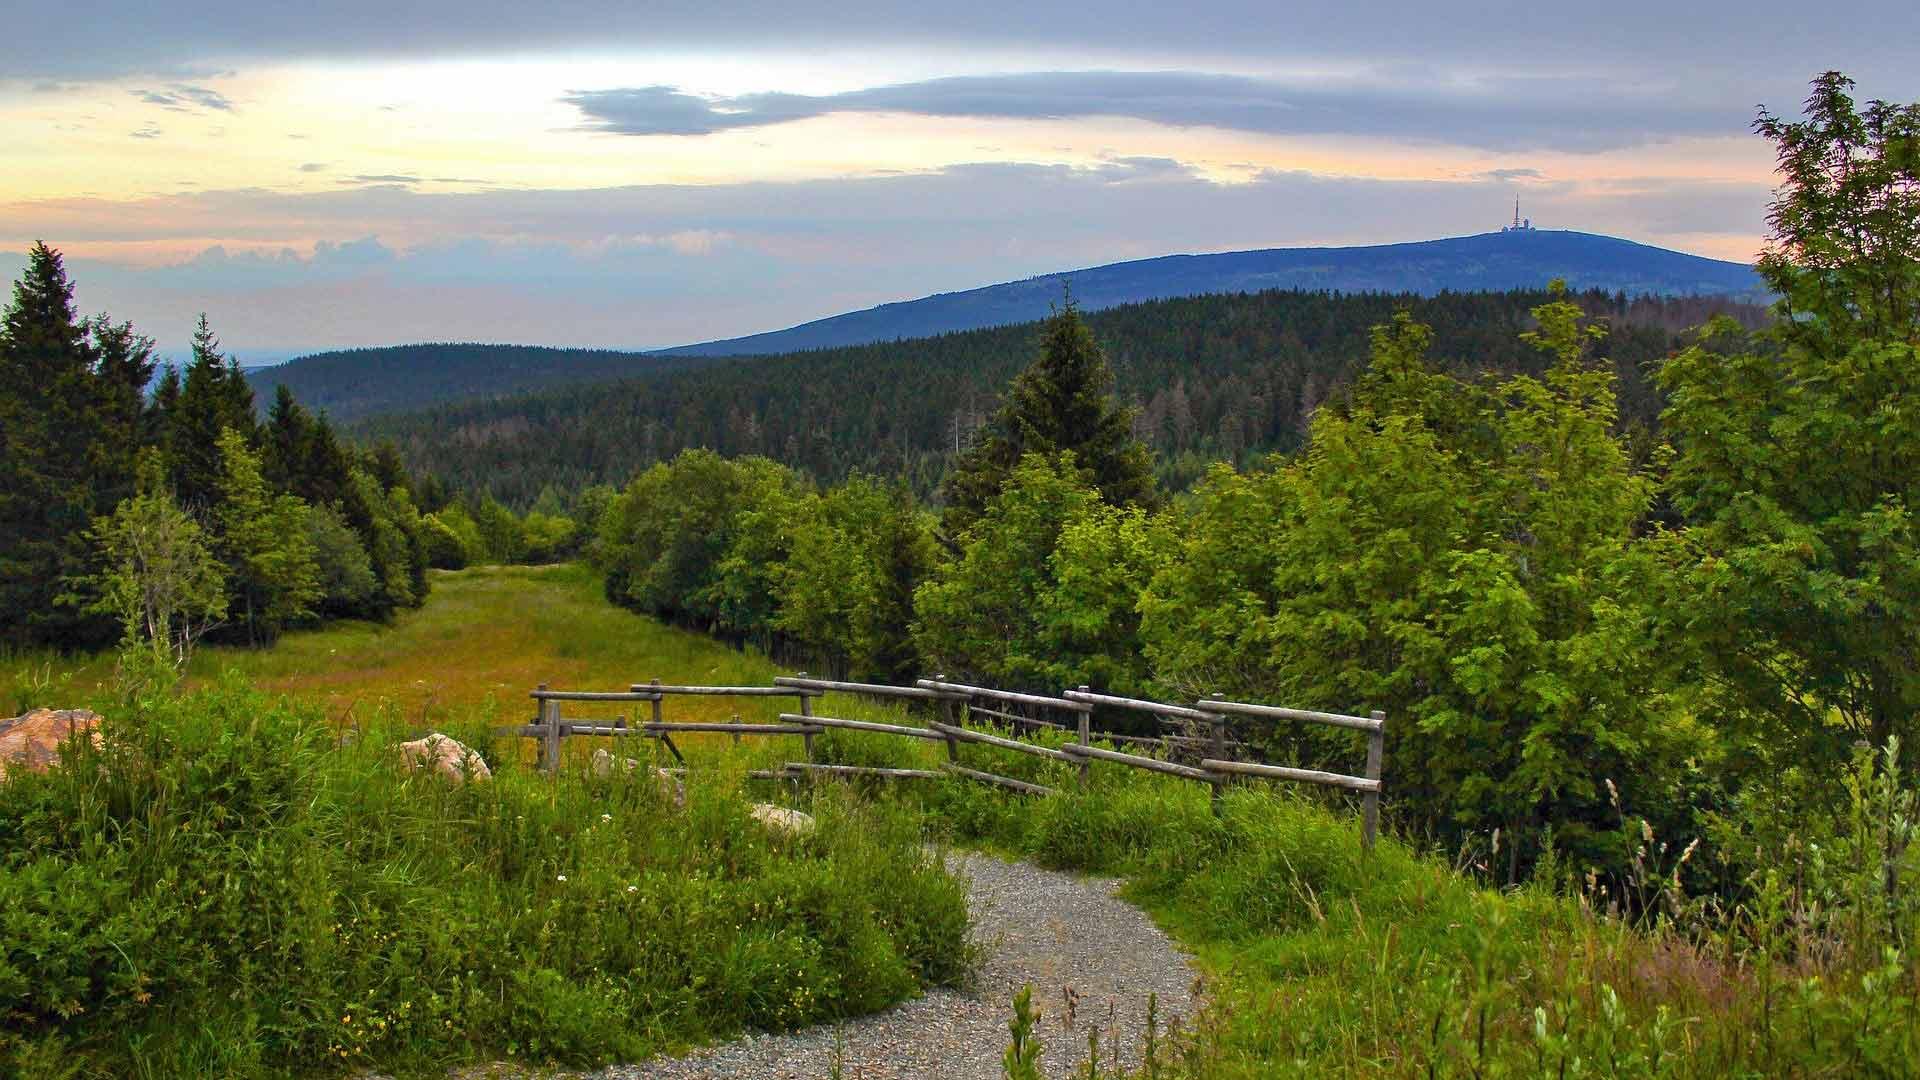 De ongerepte natuur van de Harz met uitzicht op de Brocken.